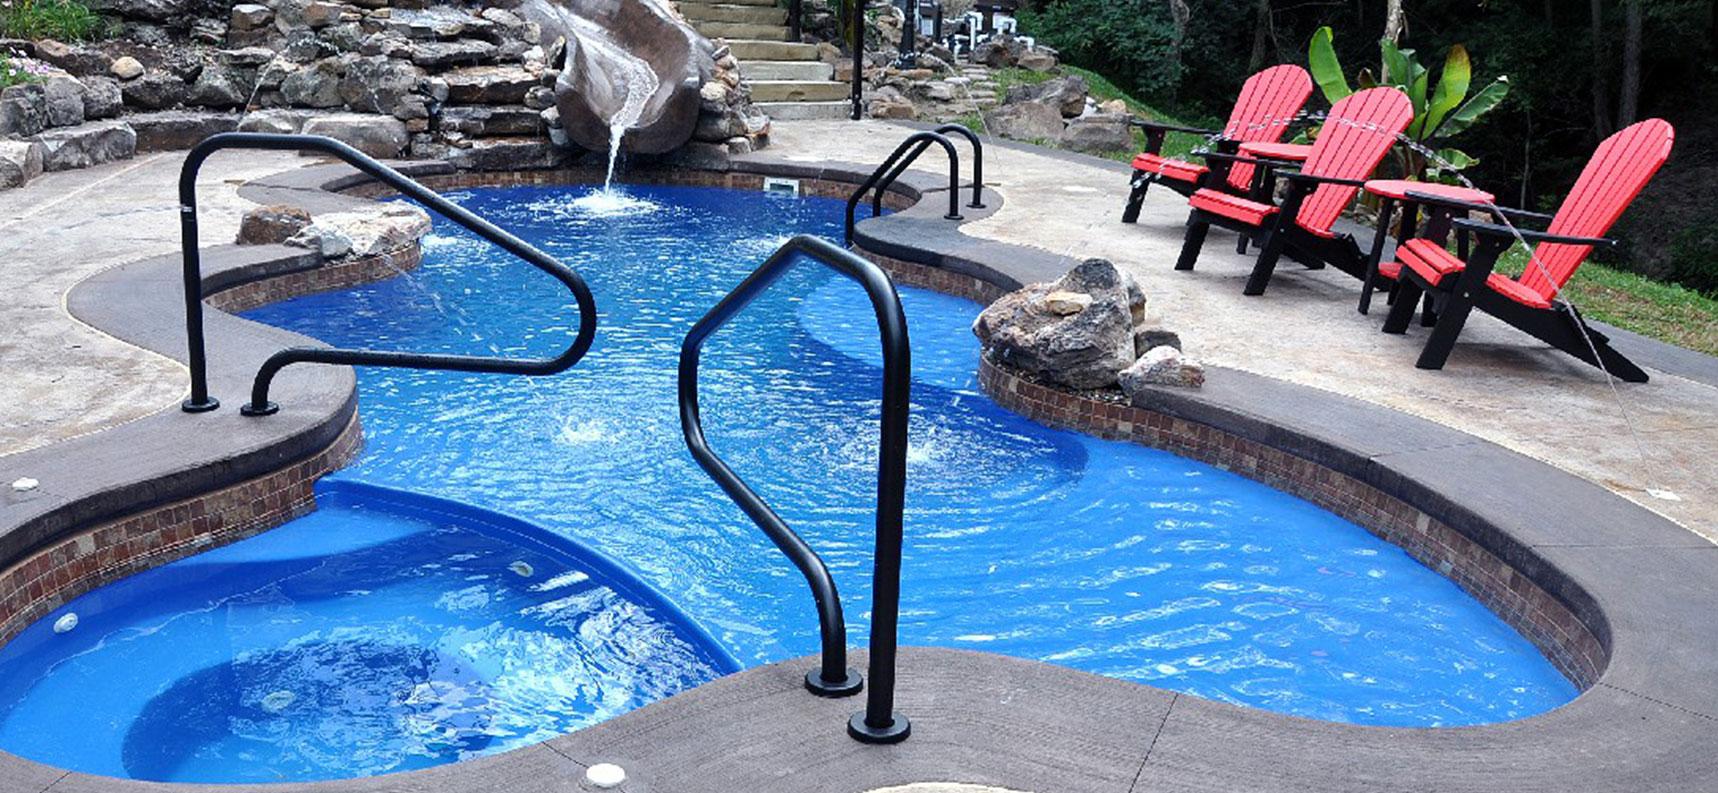 Raleigh Inground Pools Spas Hot Tubs Amp Kitchen Choice